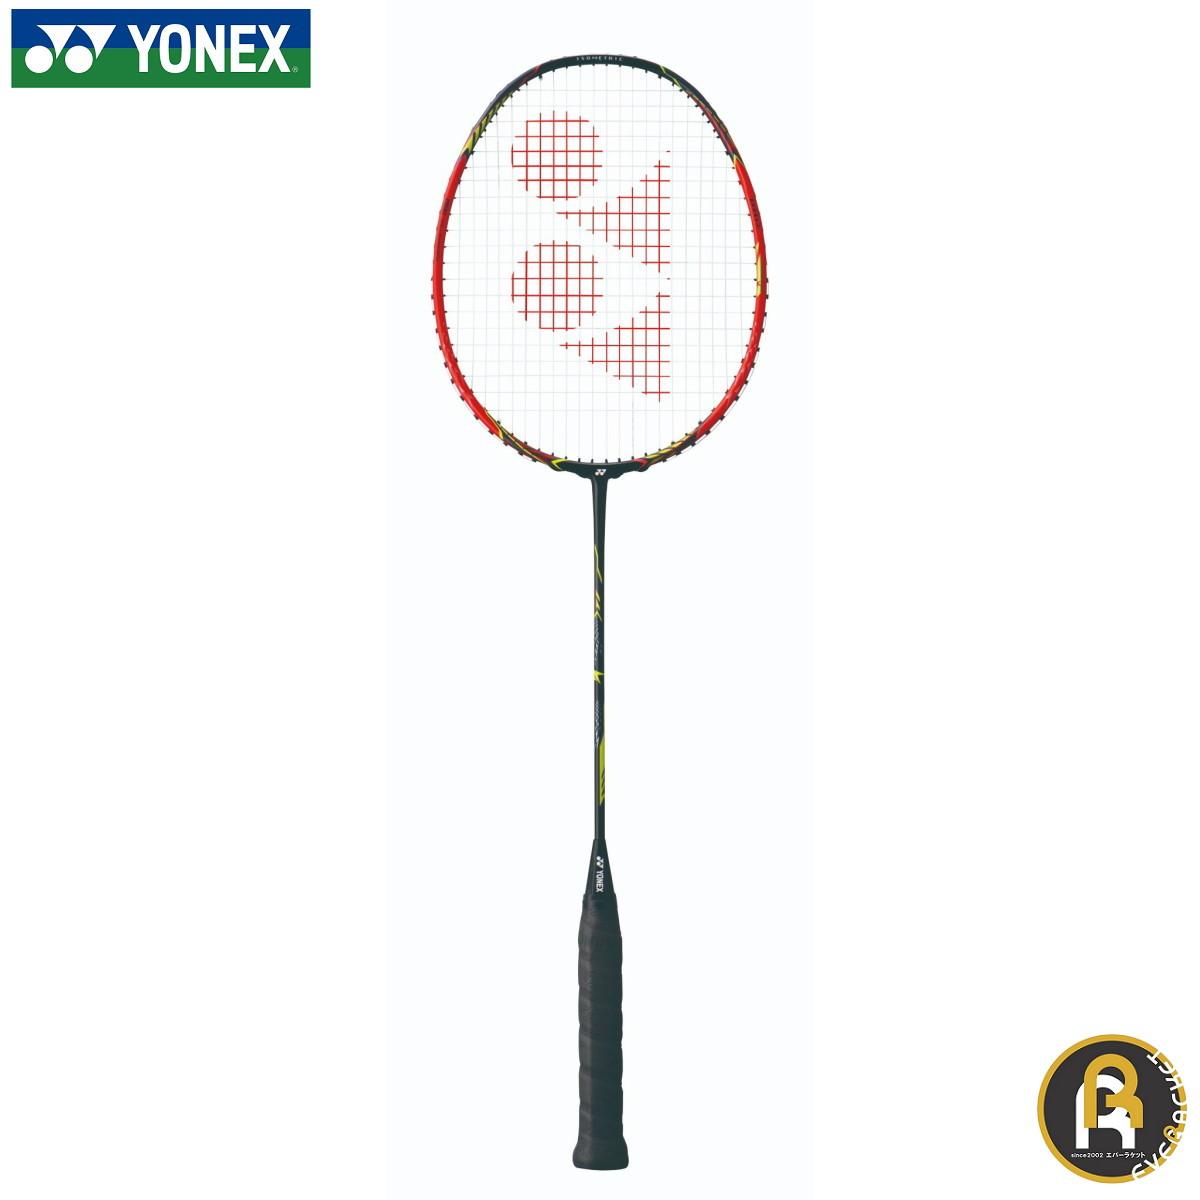 ヨネックス YONEX バドミントンラケット ボルトリックLD-フォース VTLD-F バドミントン リンダン選手モデル